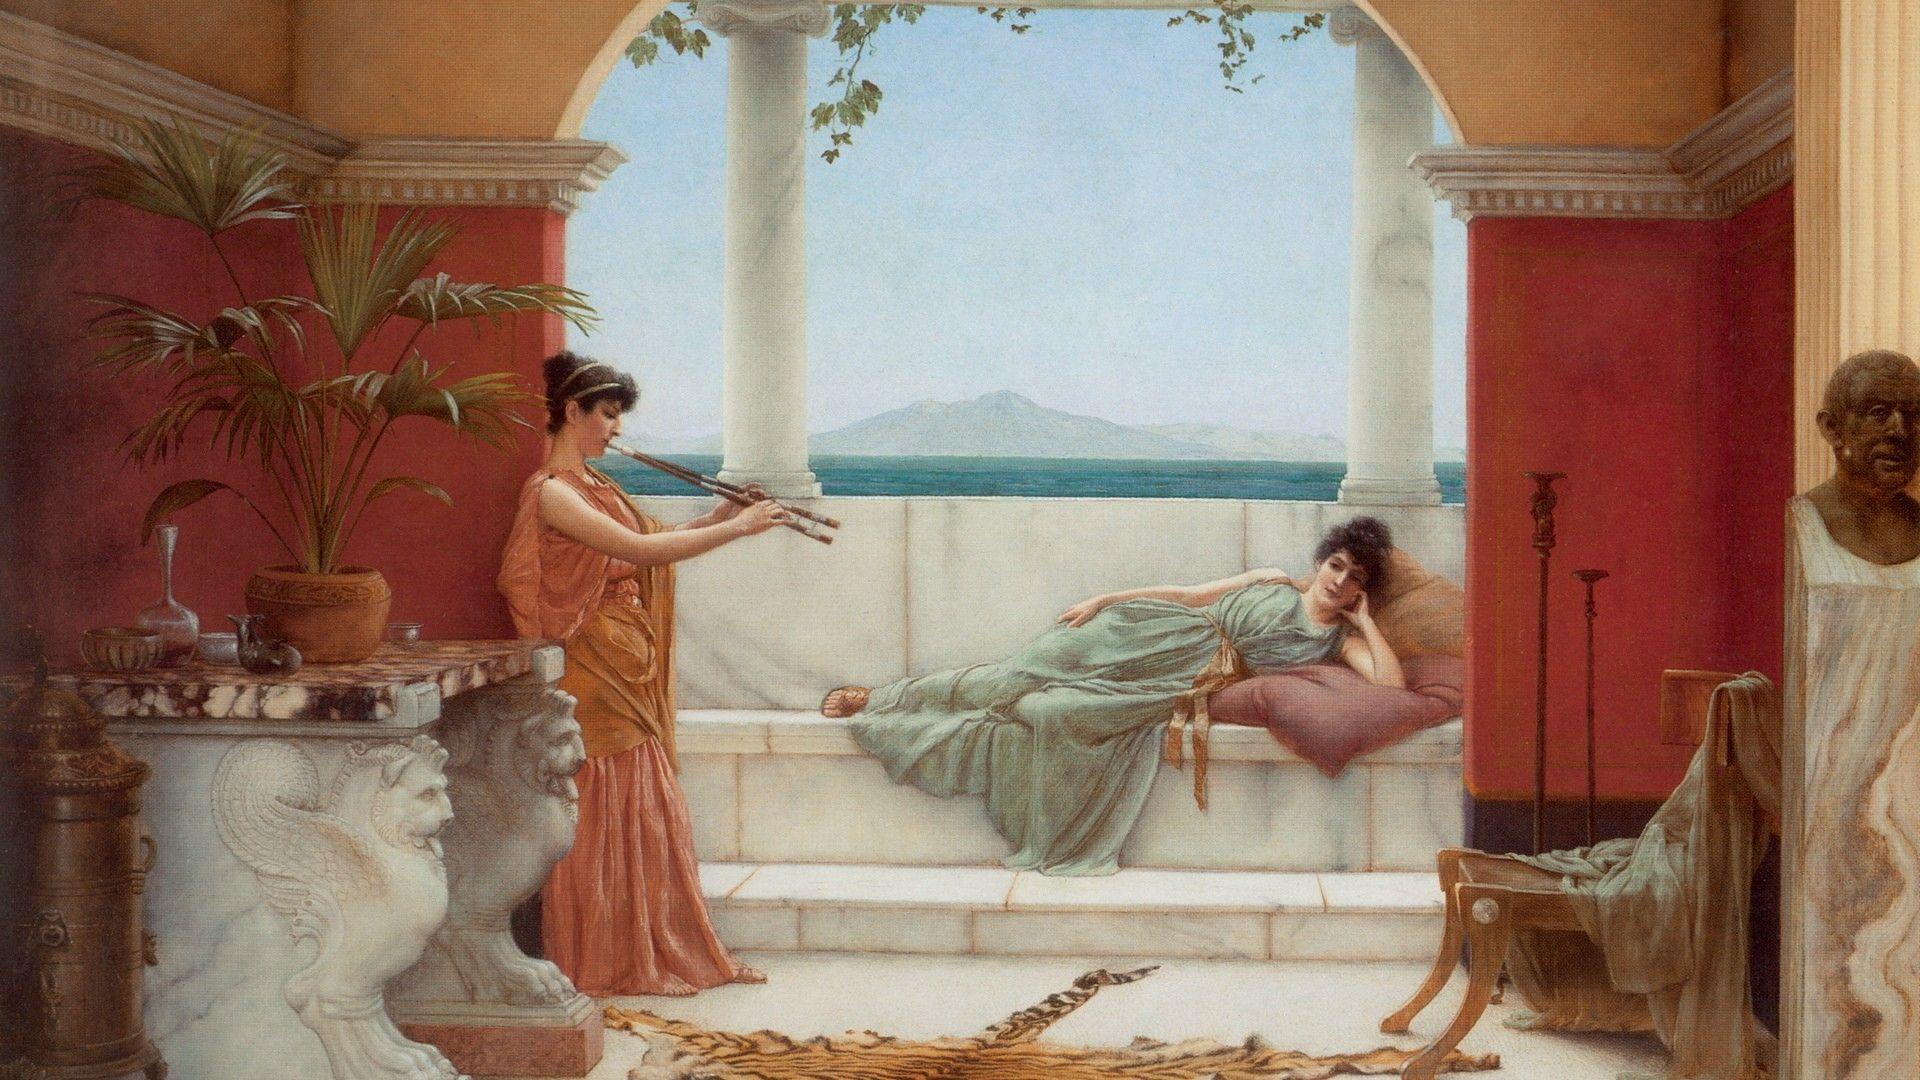 обои на тему древней греции вопрос отправке травмированного